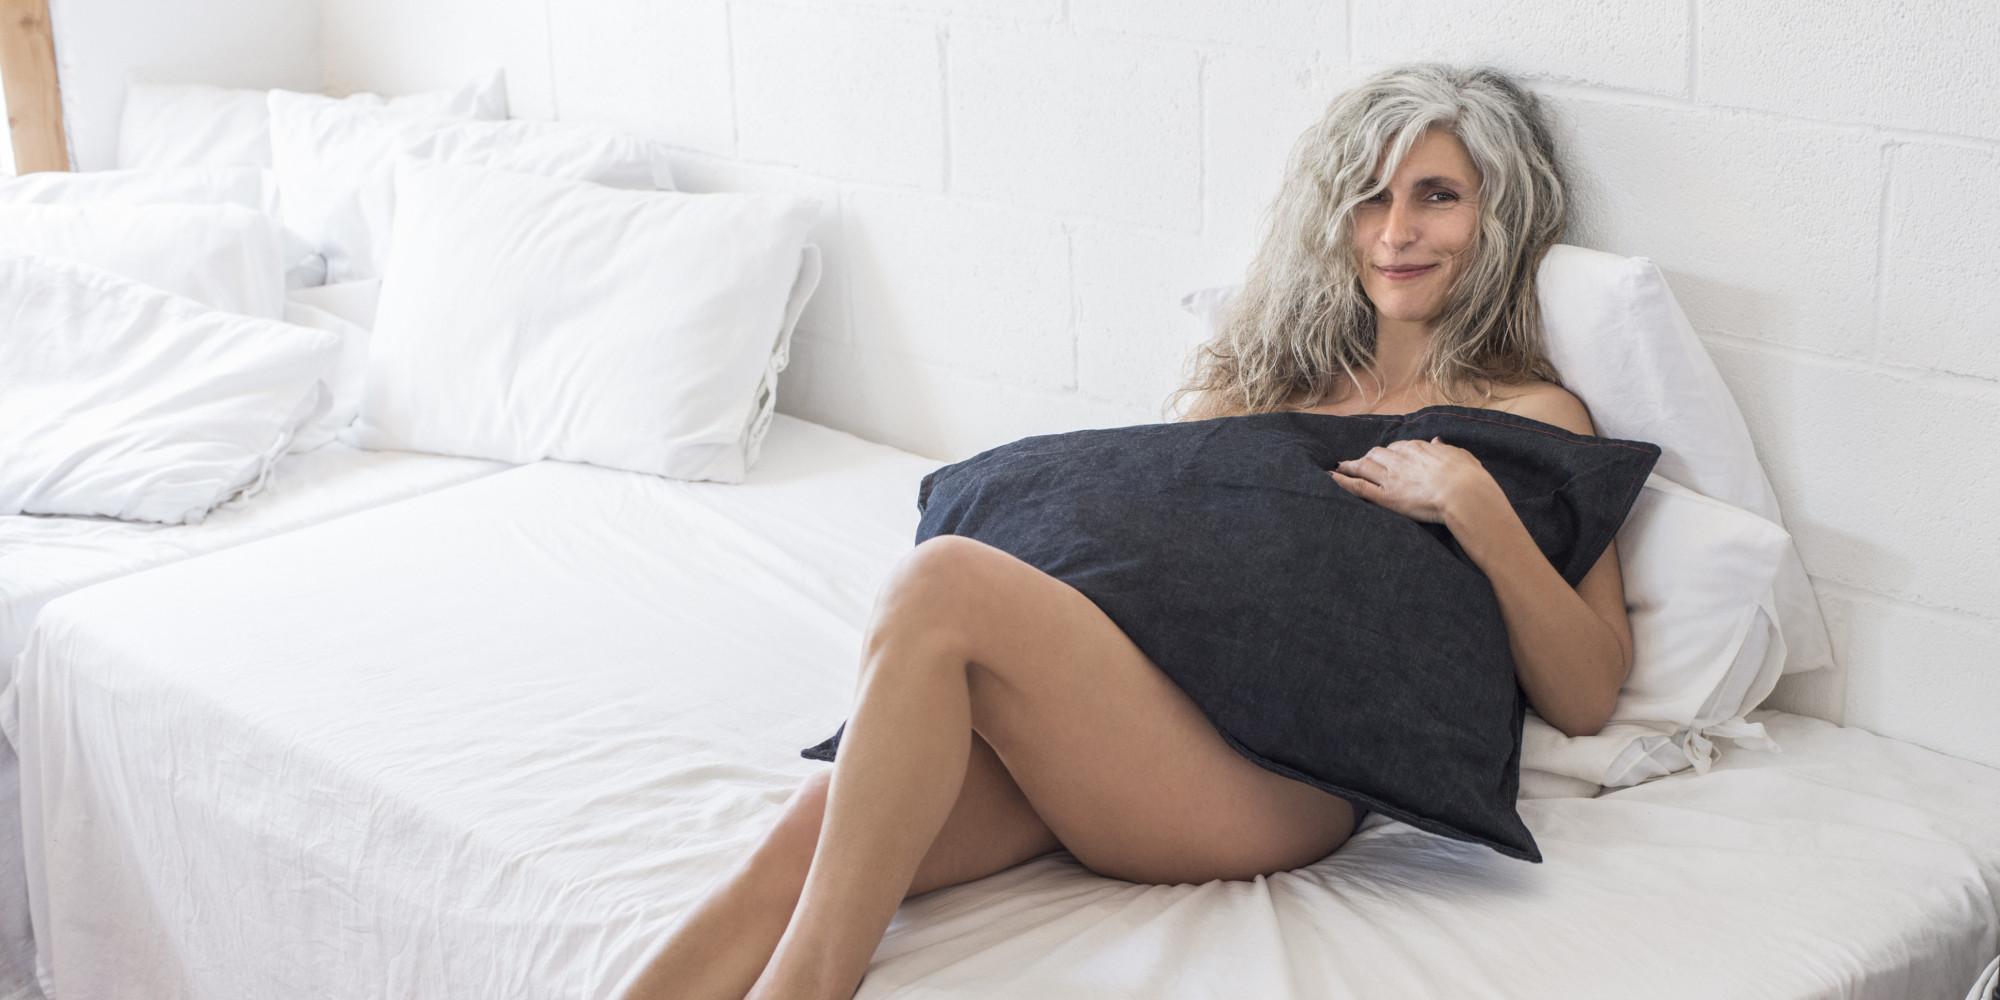 Hilton 30 In Man Woman Atheist Oshawa Seeking To 40